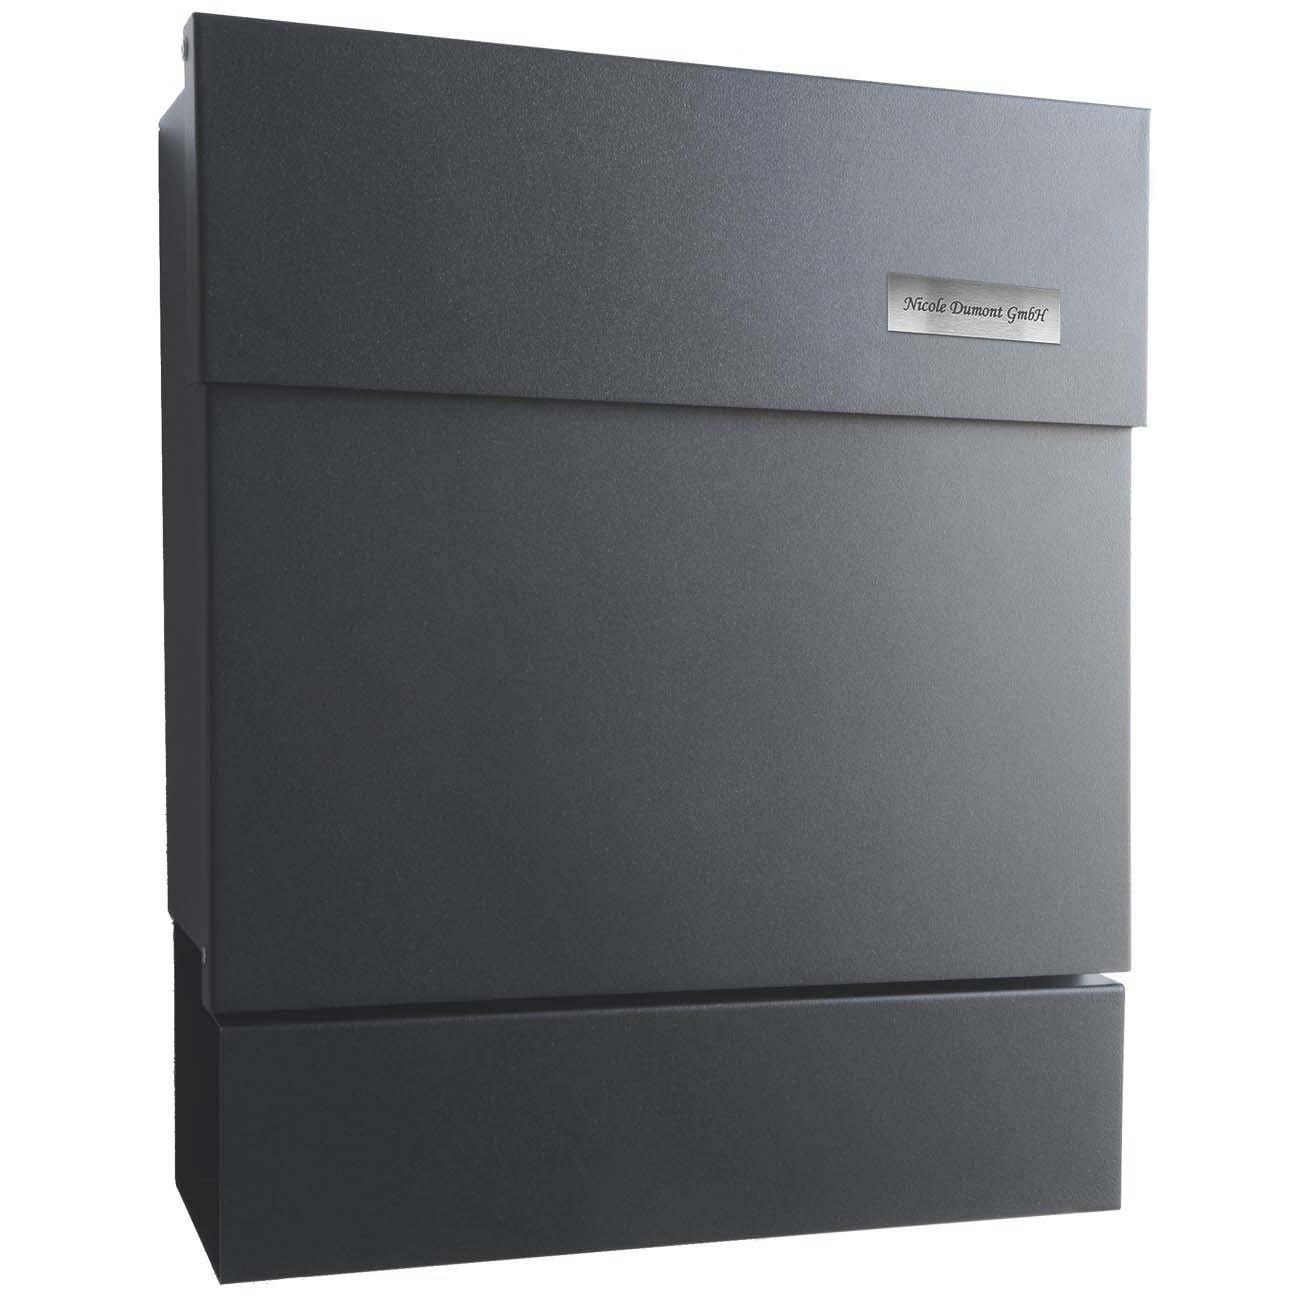 briefkasten letterman 5 anthrazit ral 7016 mocavi. Black Bedroom Furniture Sets. Home Design Ideas